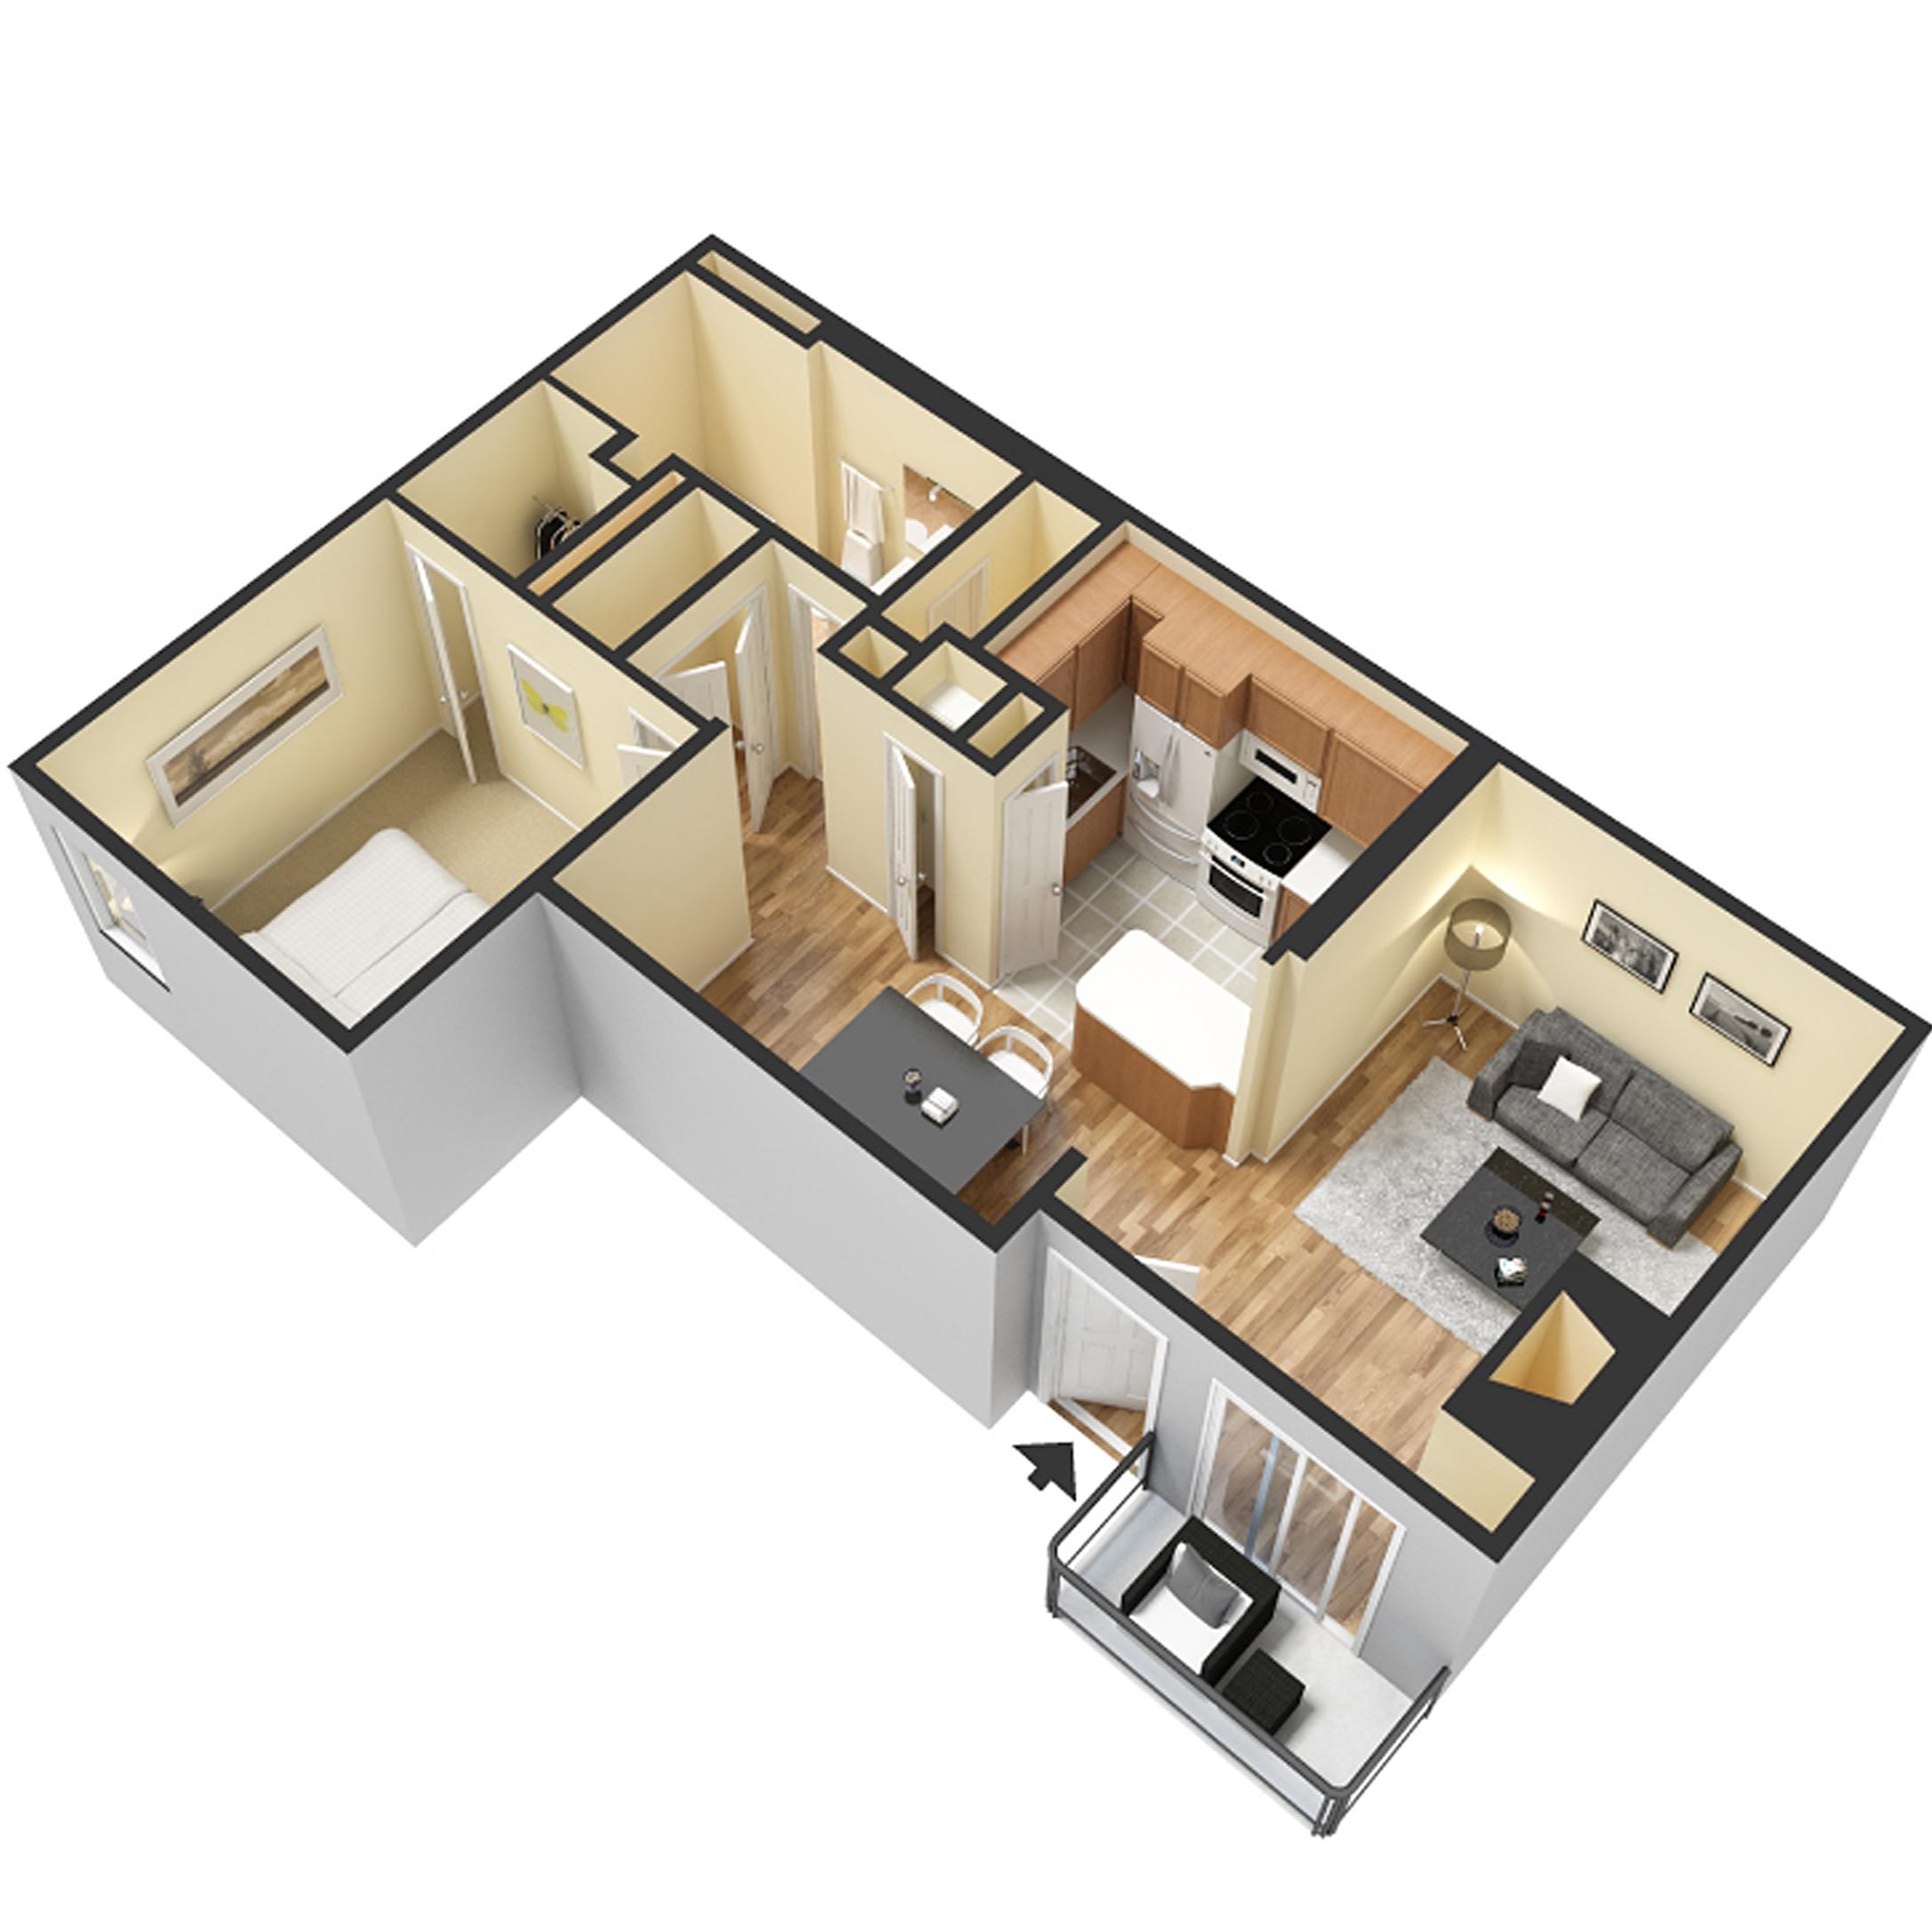 1 Bed 1 Bath - 750 Sq.Ft.